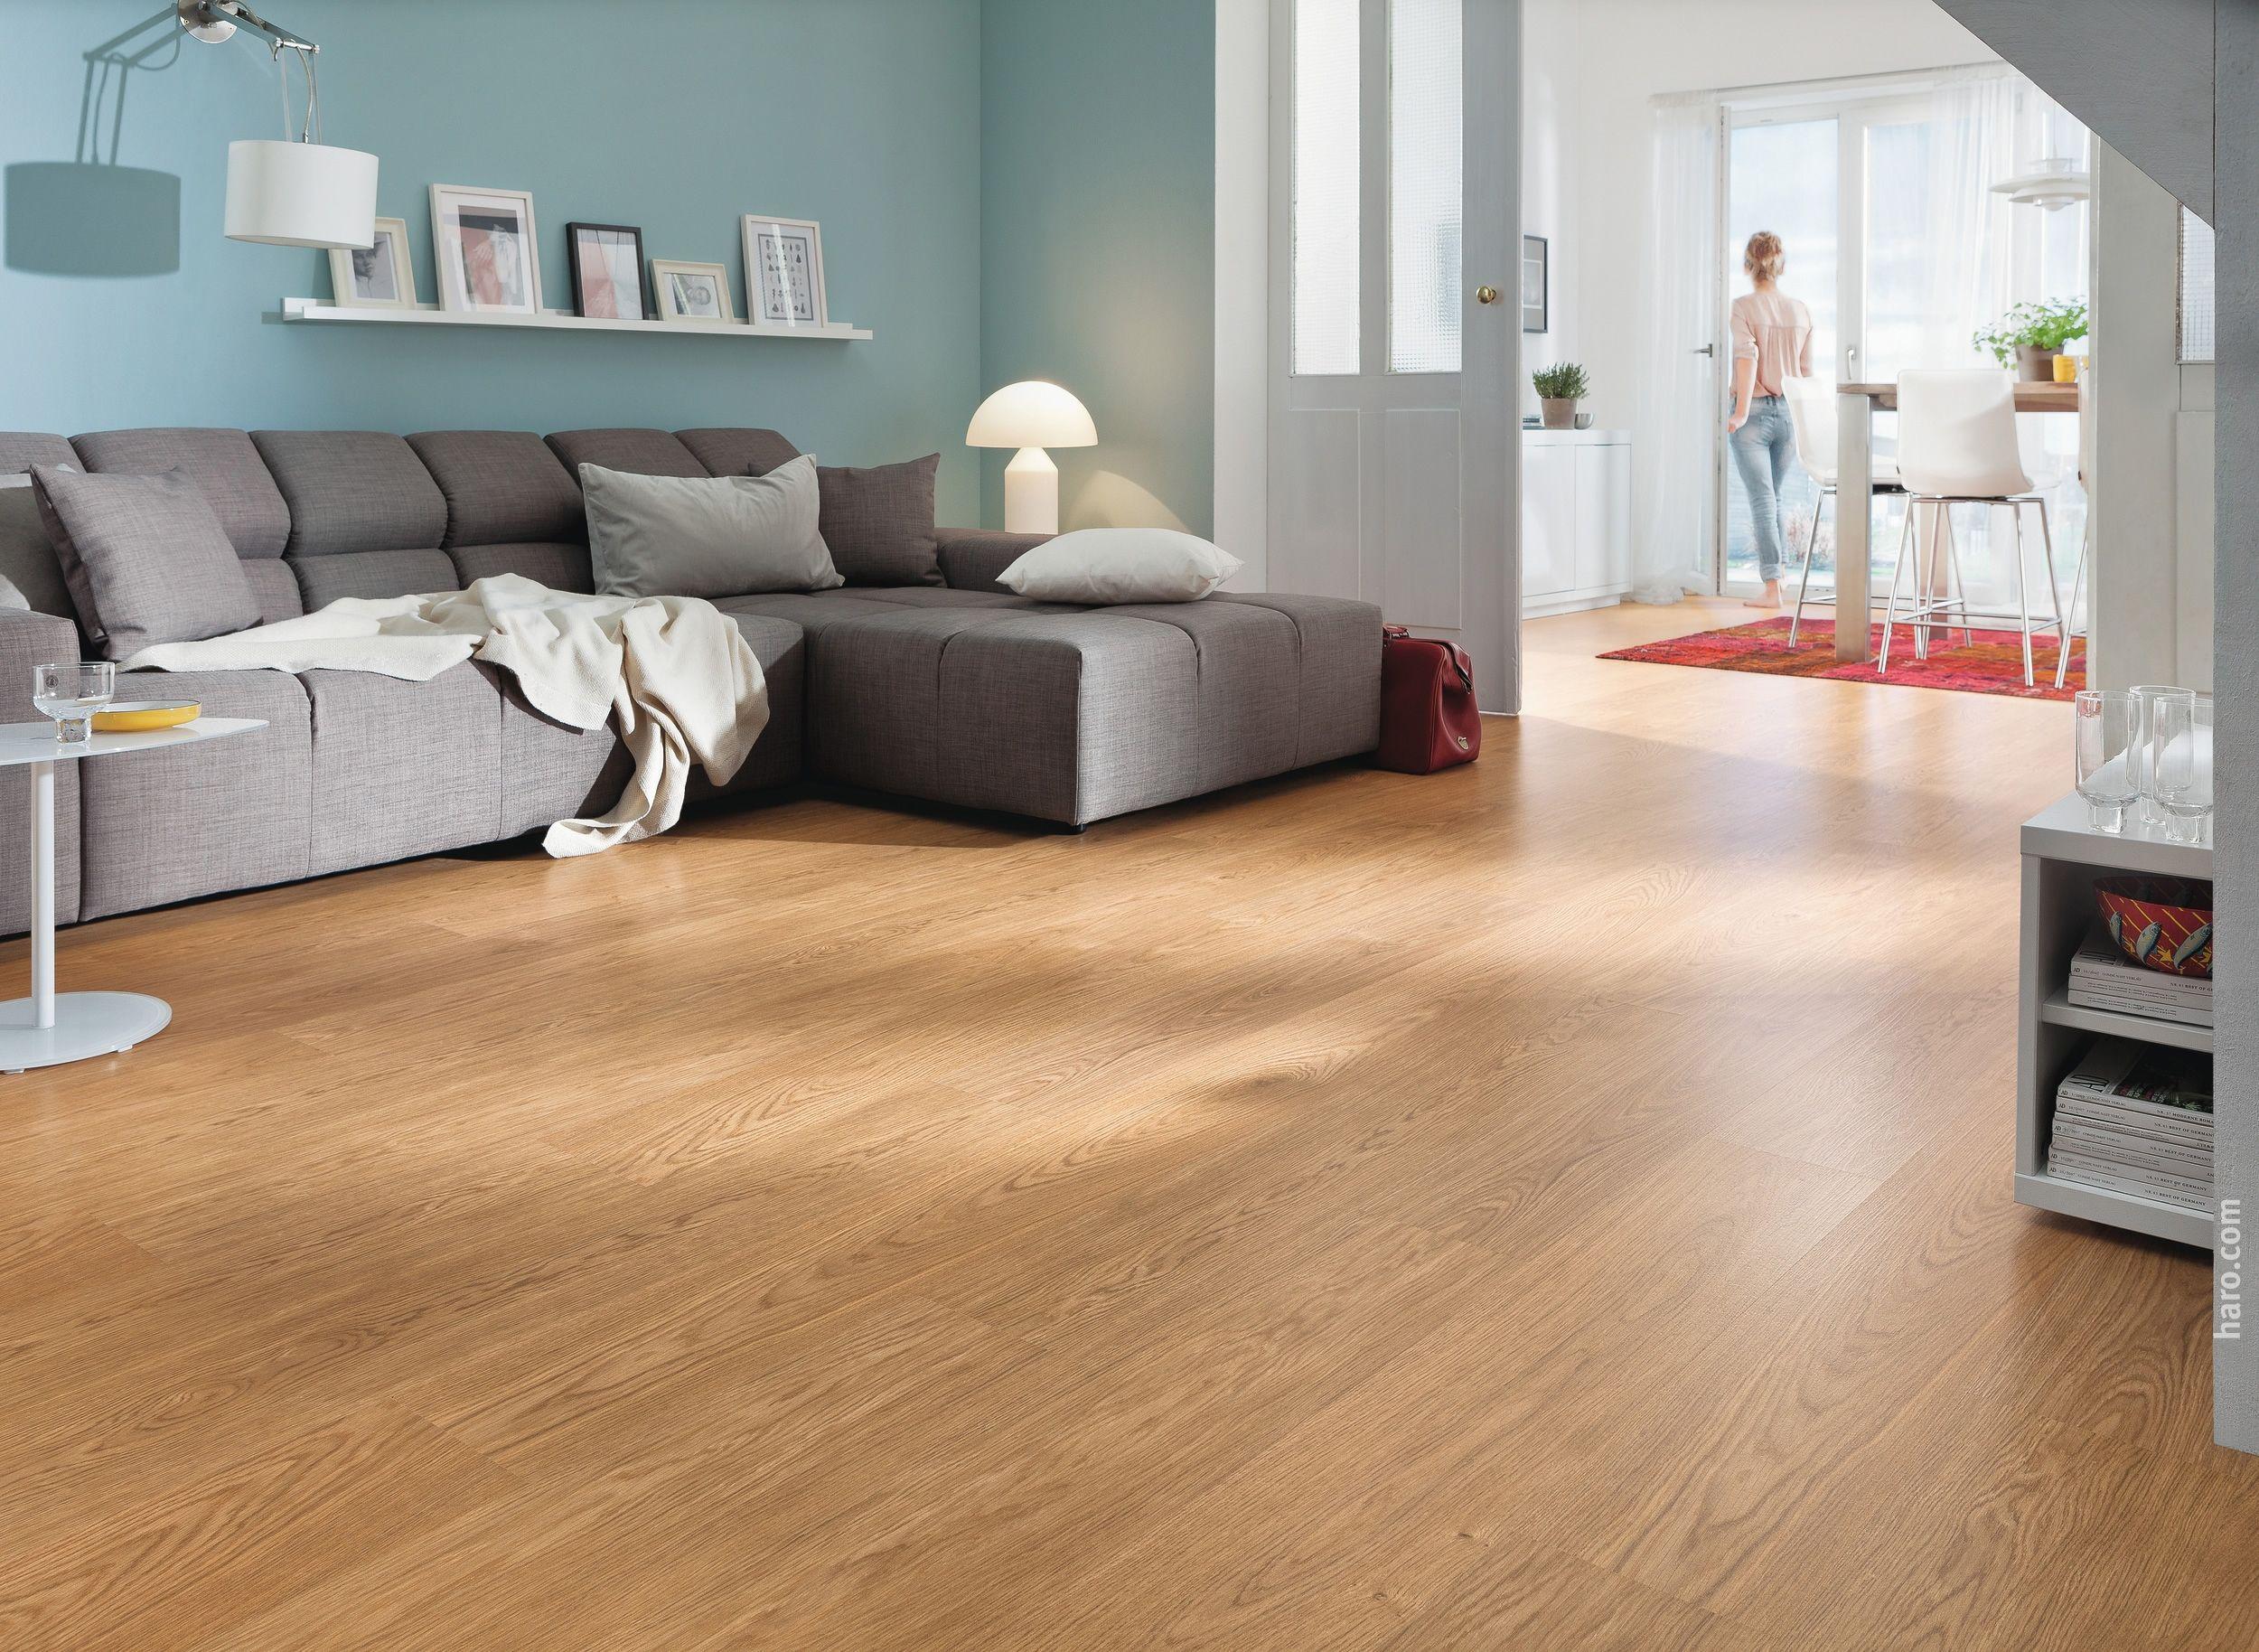 Korkboden Badezimmer ~ Best cork floor korkboden images ground